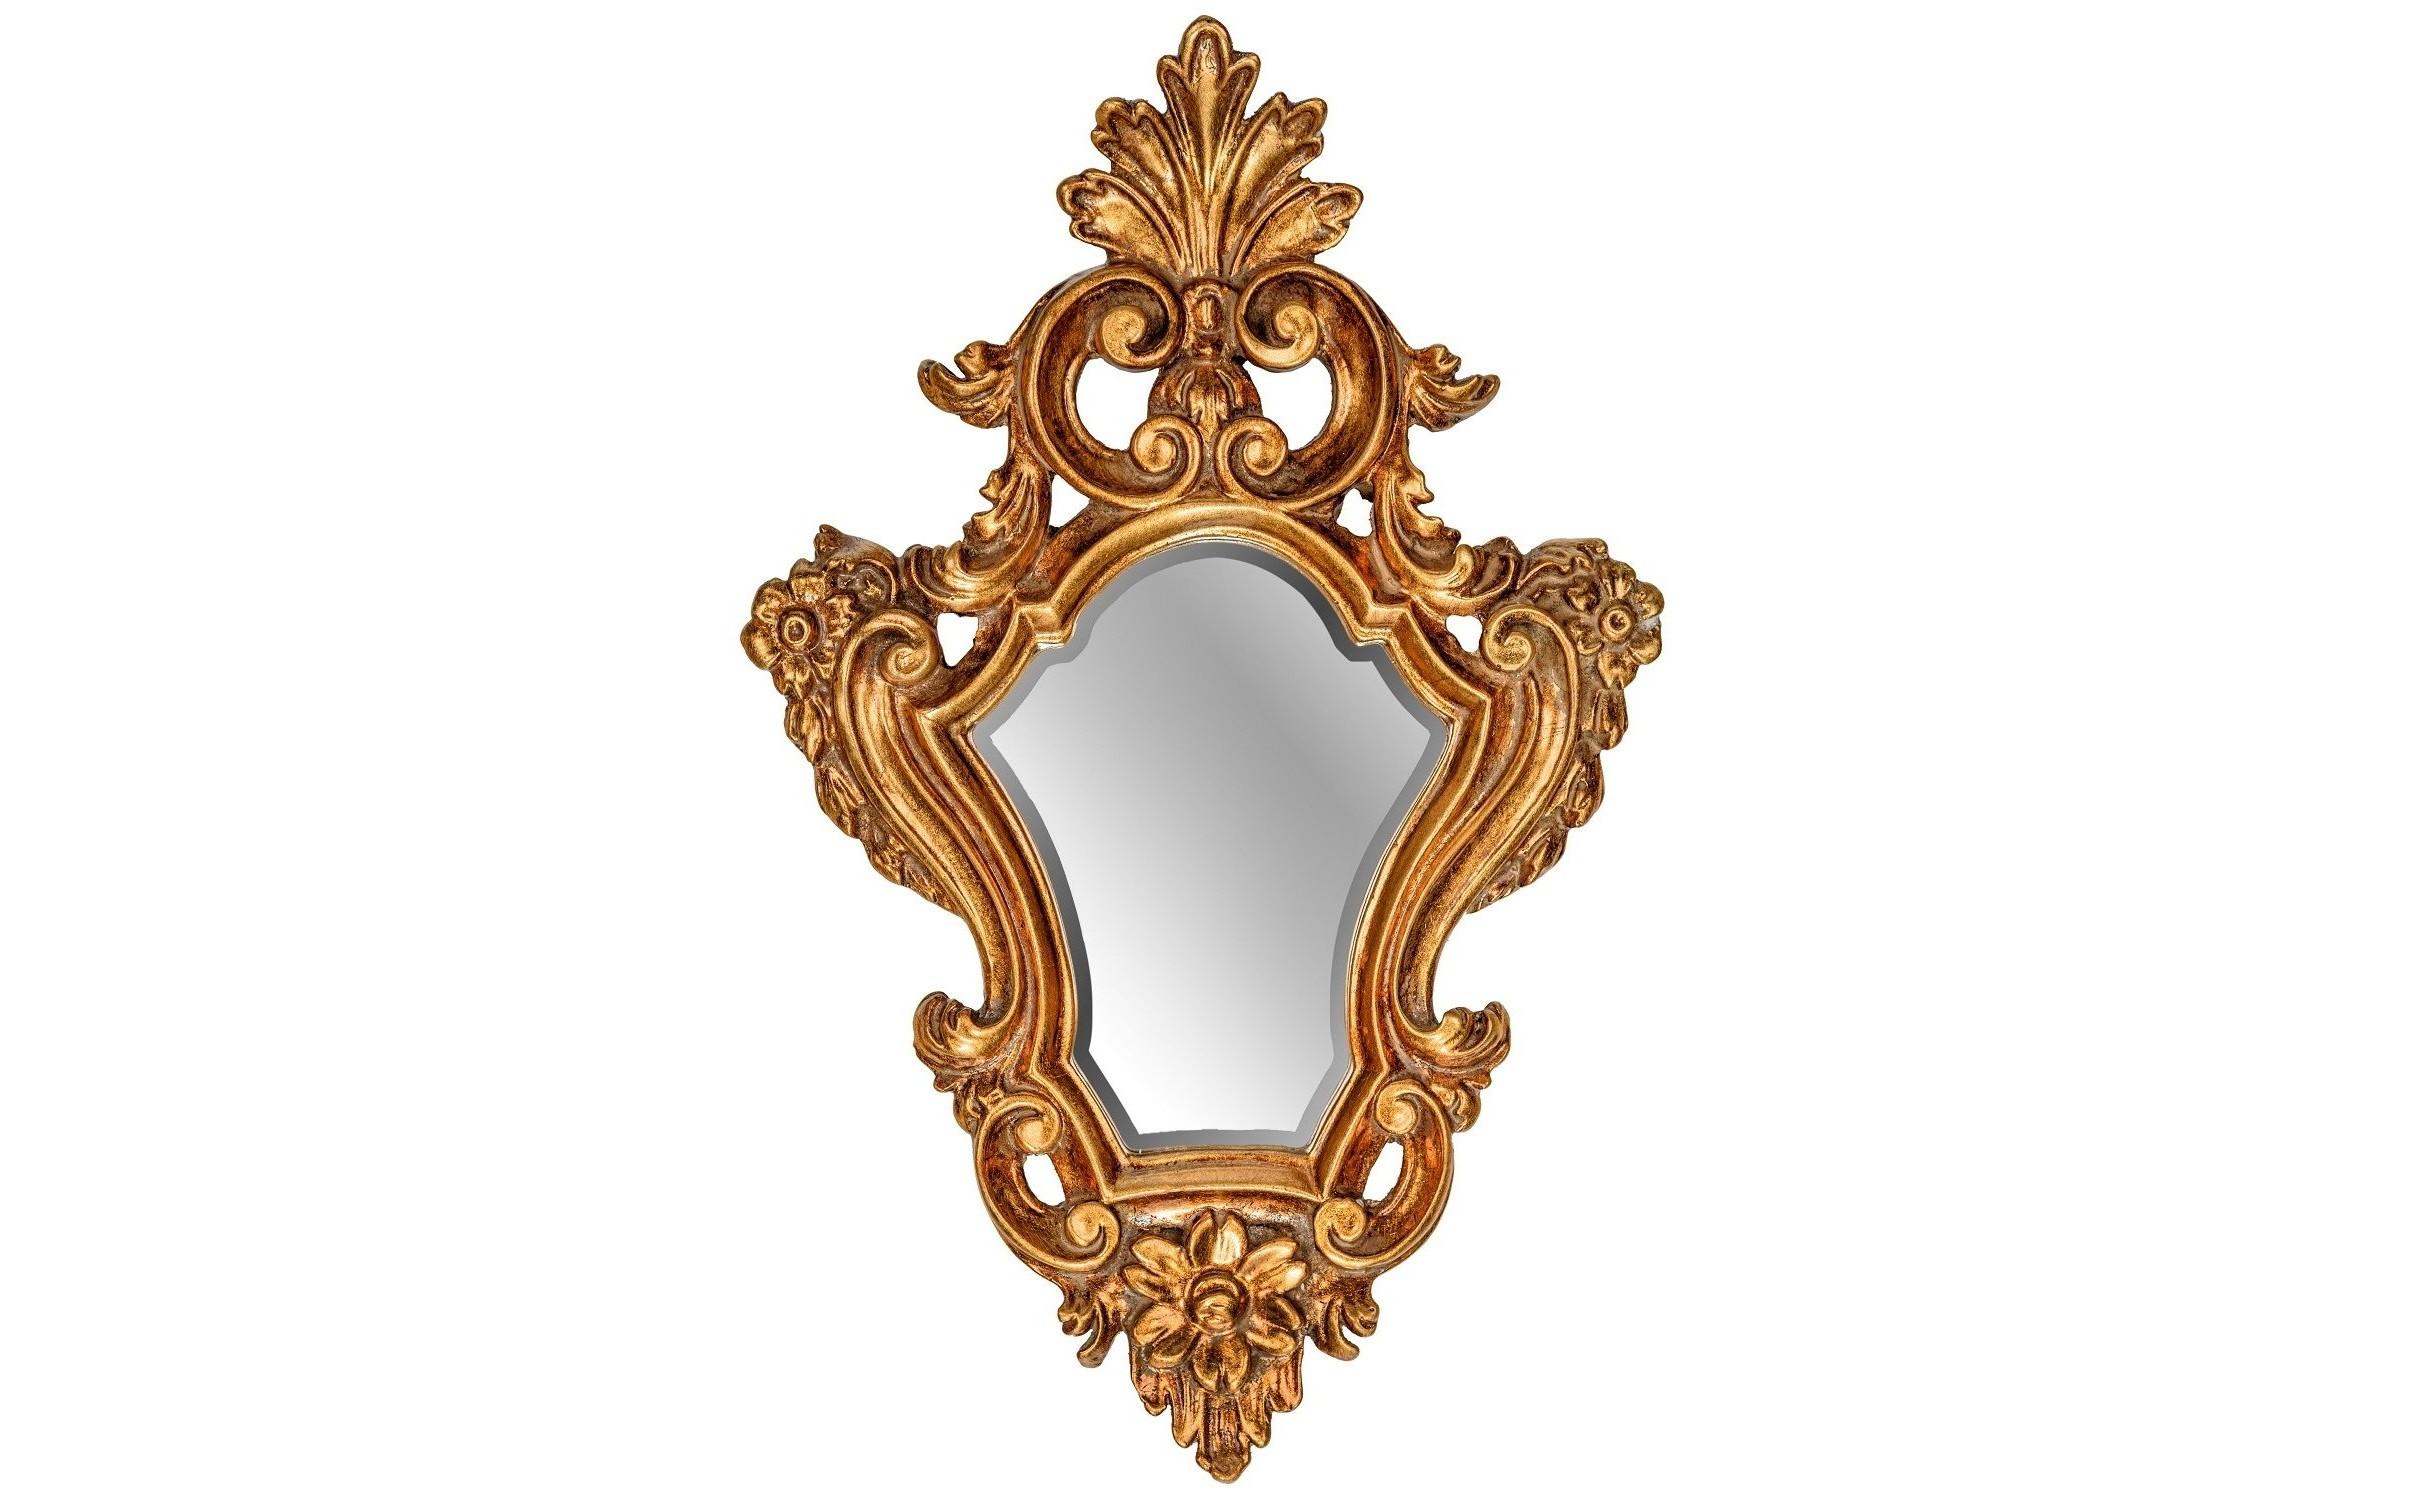 Зеркало Viola GoldНастенные зеркала<br><br><br>Material: Полирезин<br>Width см: 27.5<br>Depth см: 4<br>Height см: 48.5